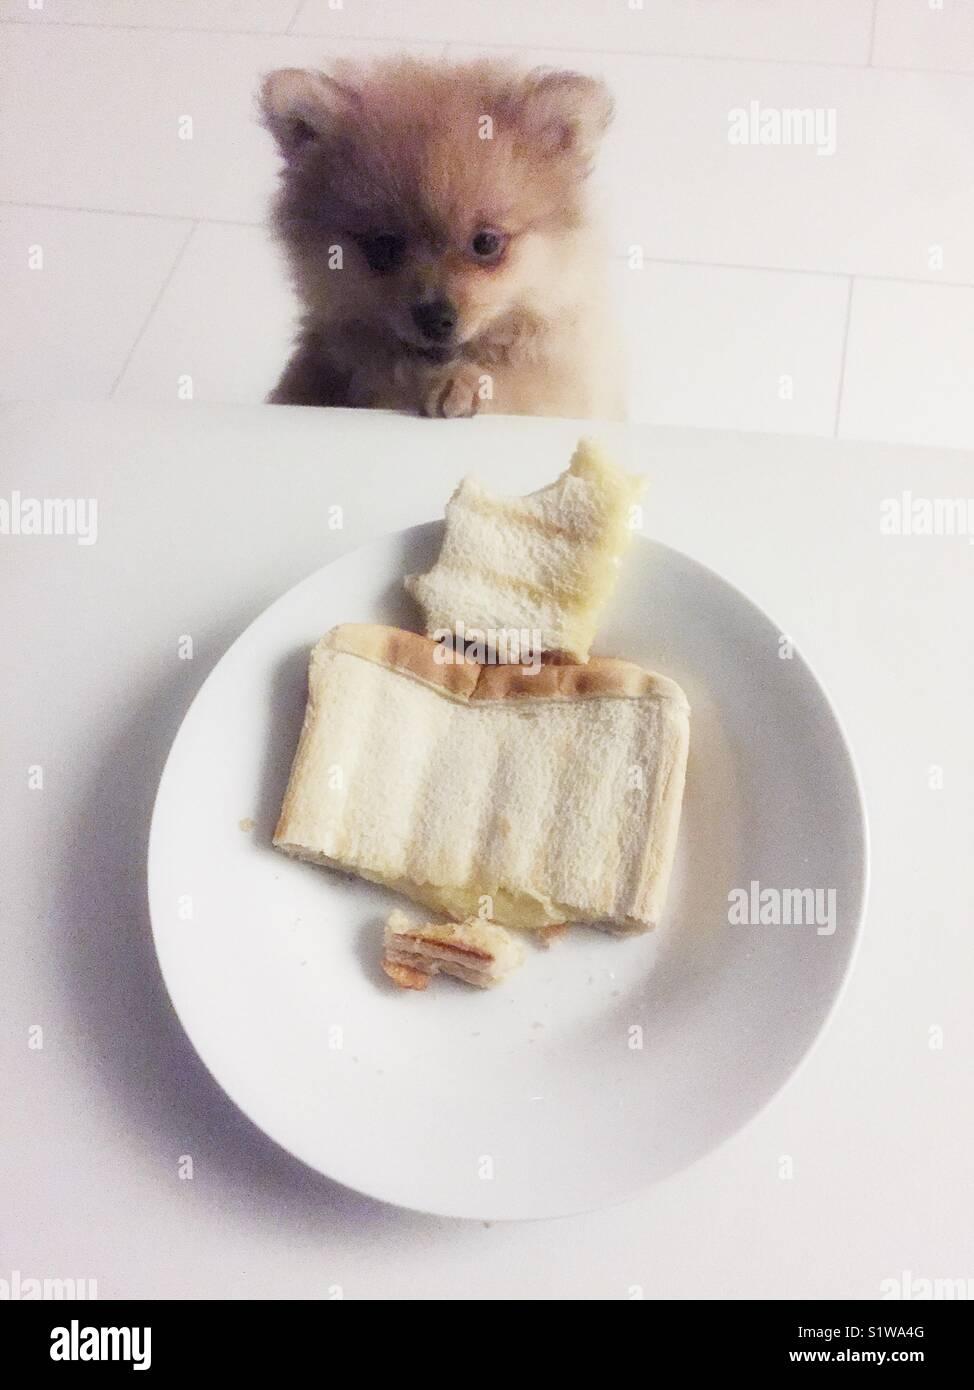 Pomaranion chiot à la plaque à sandwich de toastie Photo Stock